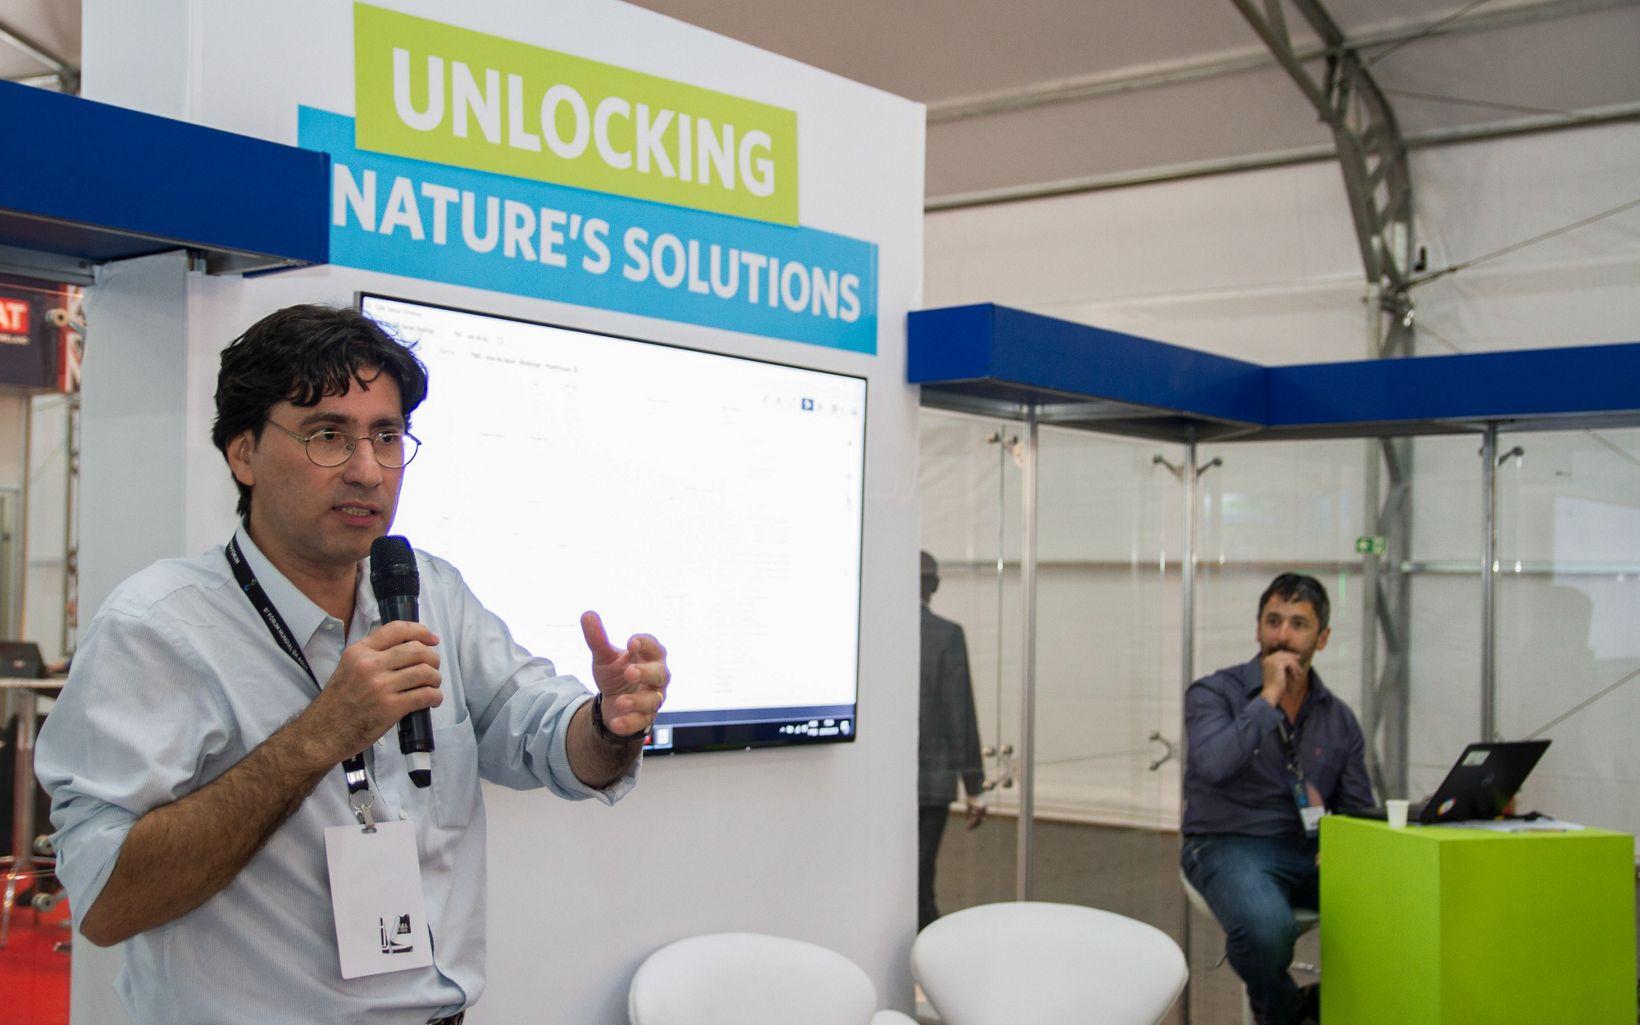 Samuel Barreto e Gilberto Tiepolo, Gerentes de Segurança Hïdrica da TNC Brasil, em palestra no Fórum Mundial de Água, em Brasília.